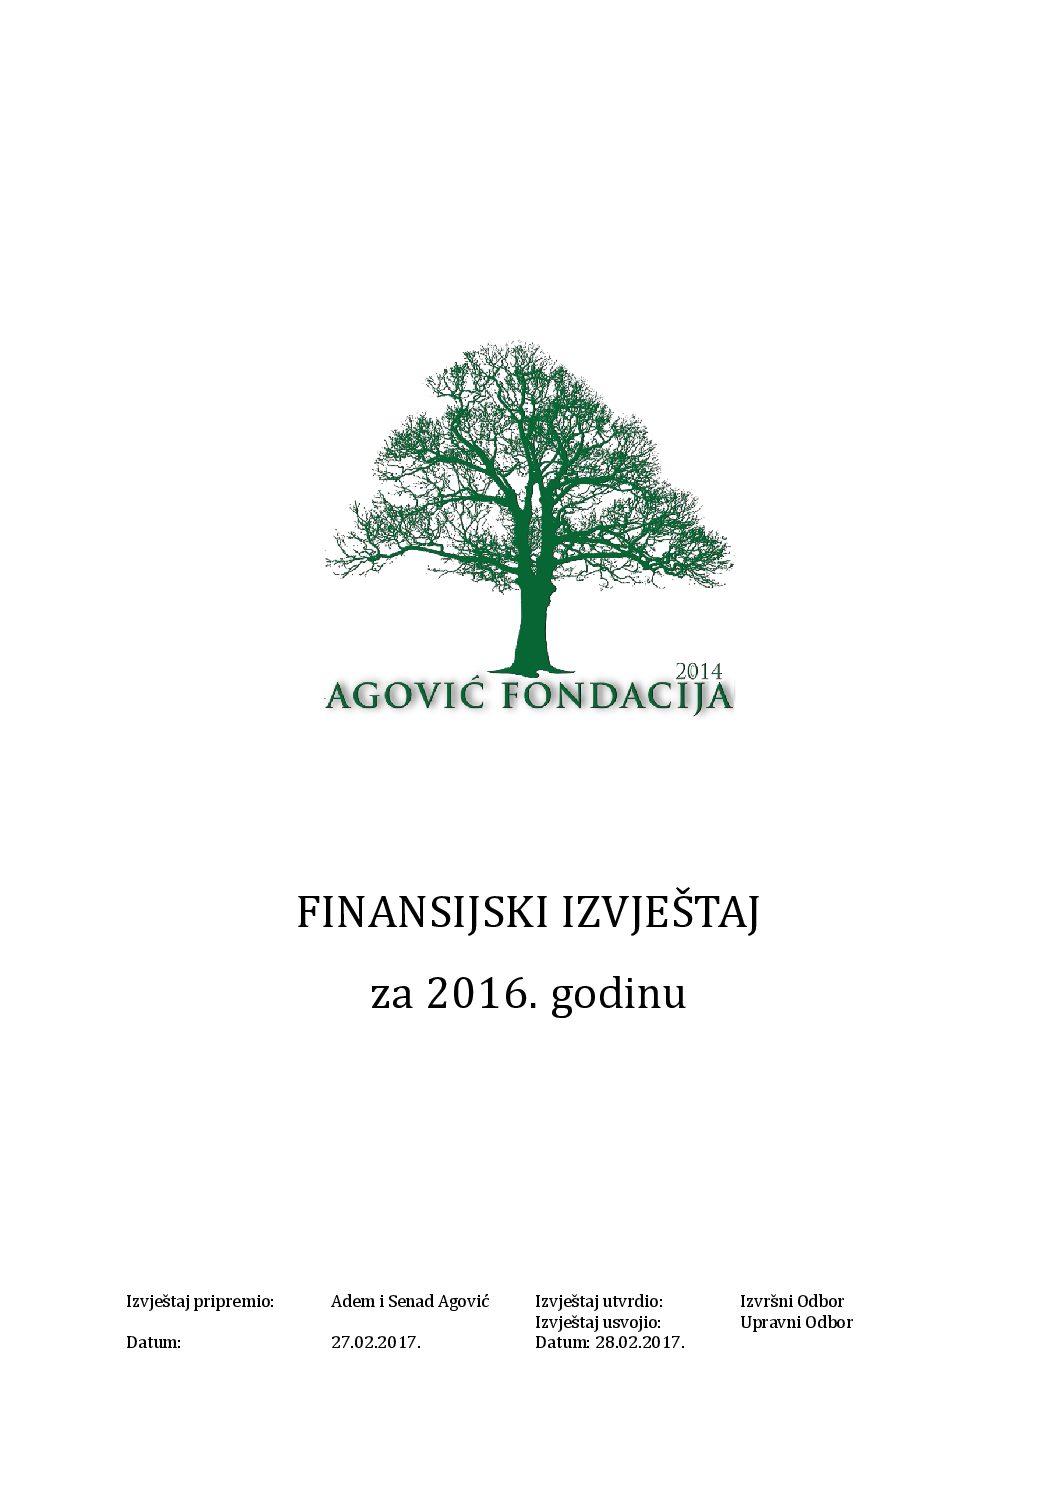 FINANSIJSKI IZVJEŠTAJ za 2016. godinu